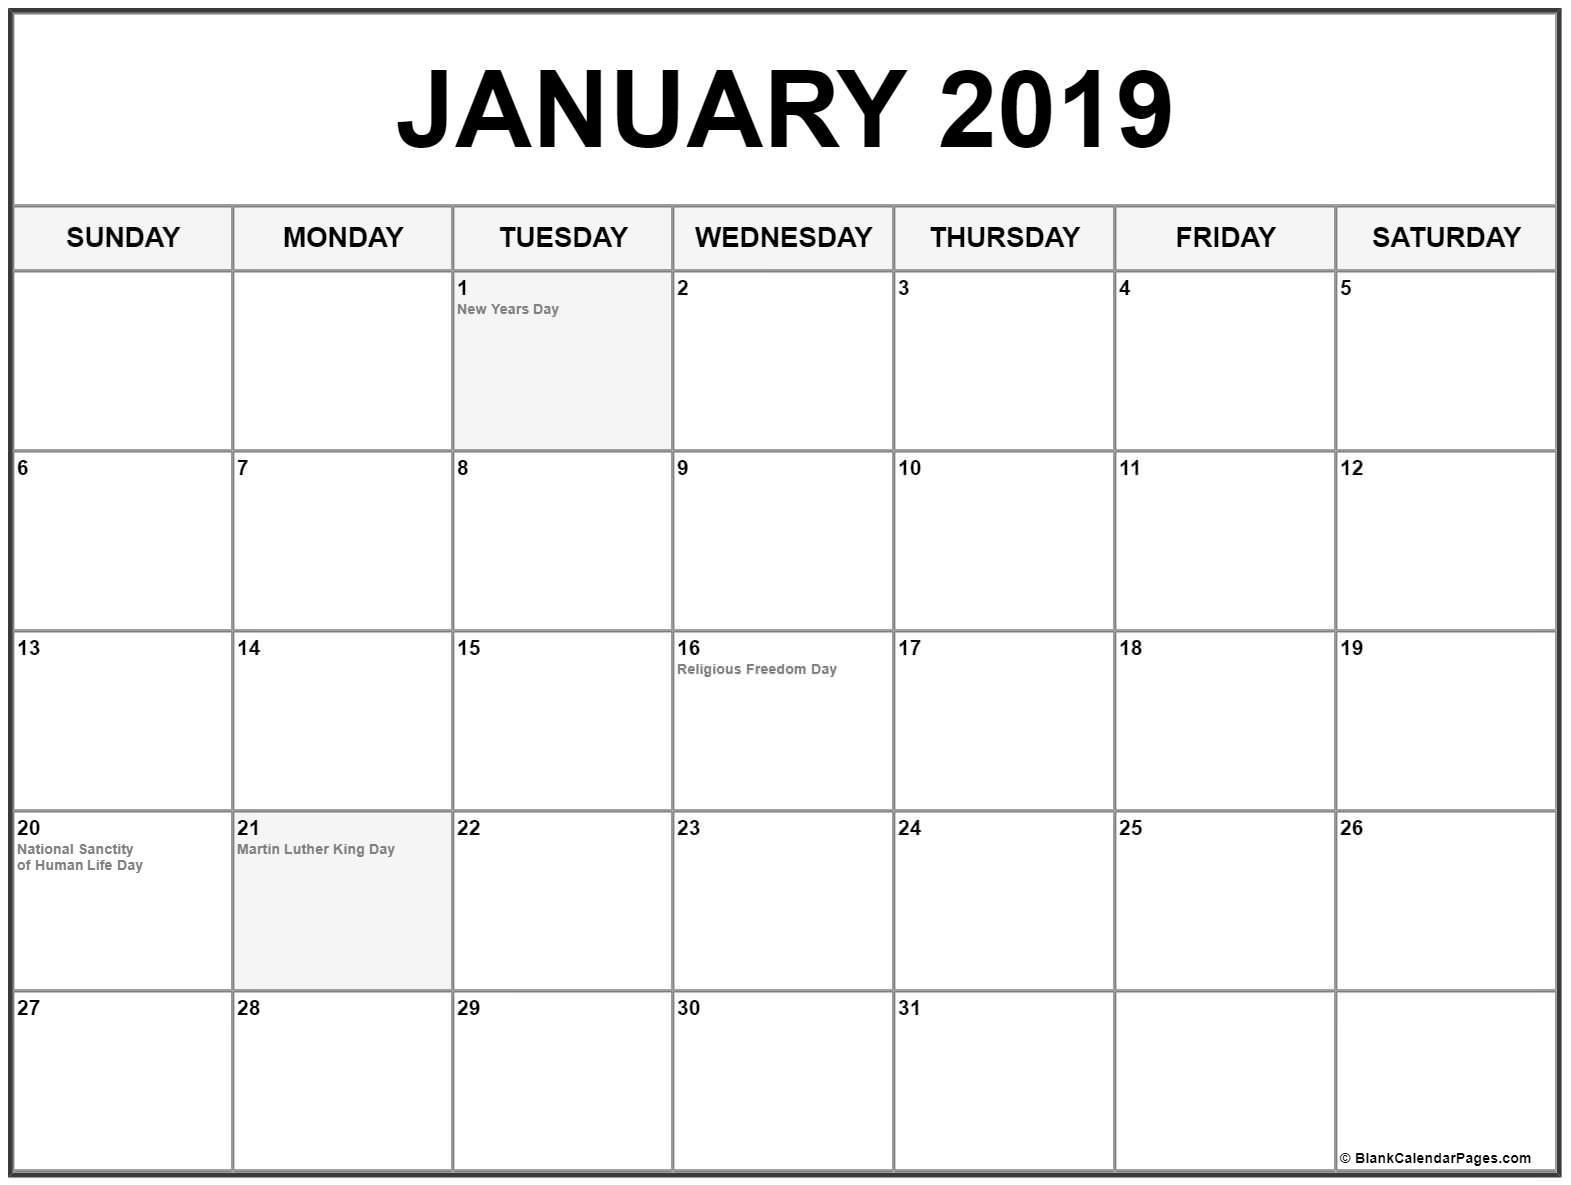 January 2019 Calendar With Holidays Printable Calendar